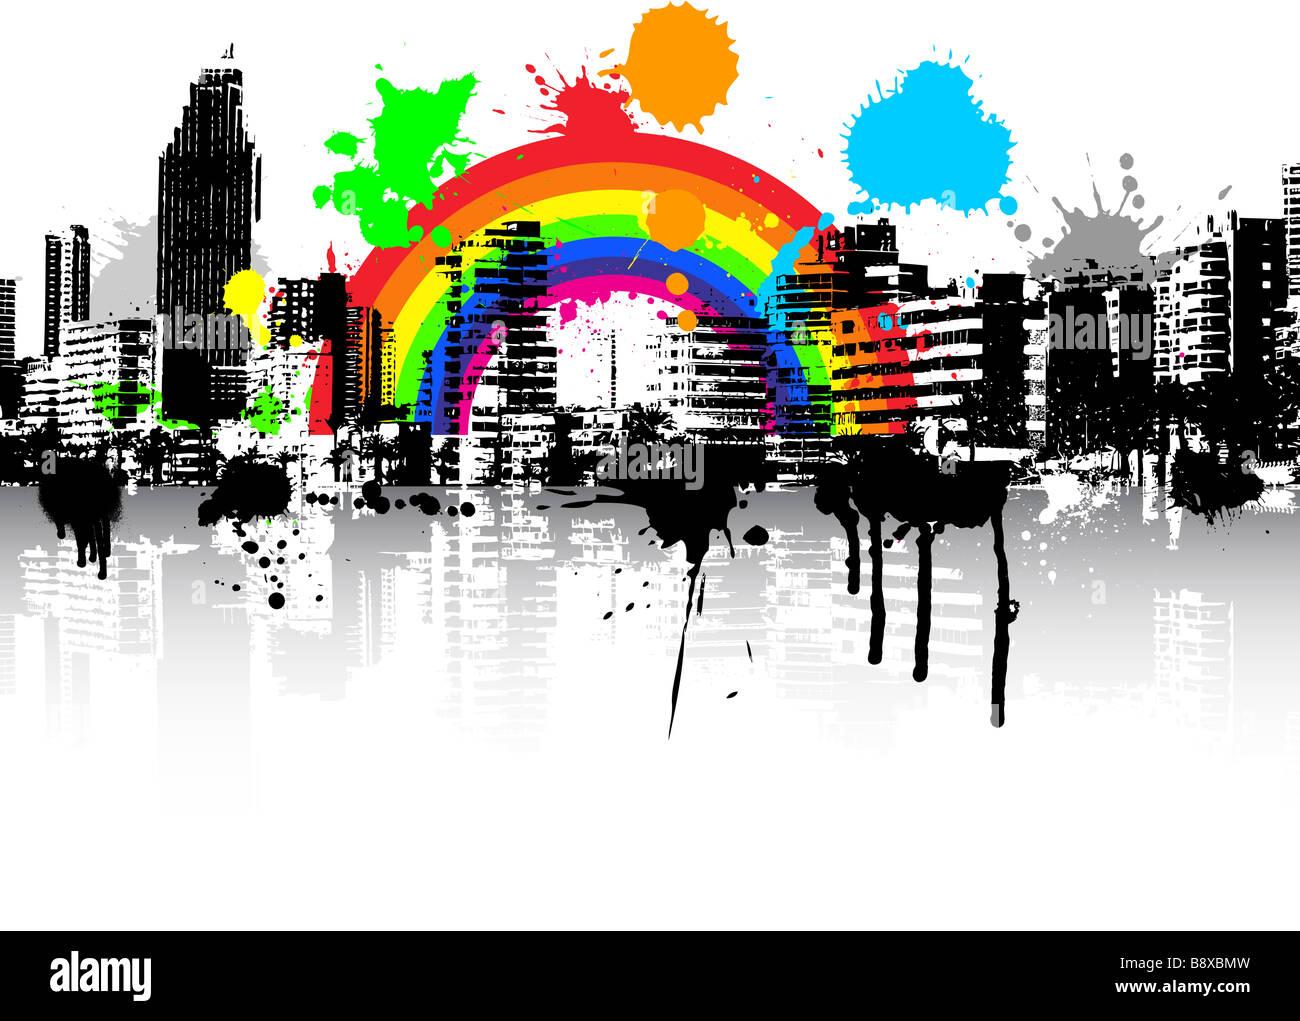 Abstract stile urbano grunge sfondo della scena con rainbow Immagini Stock